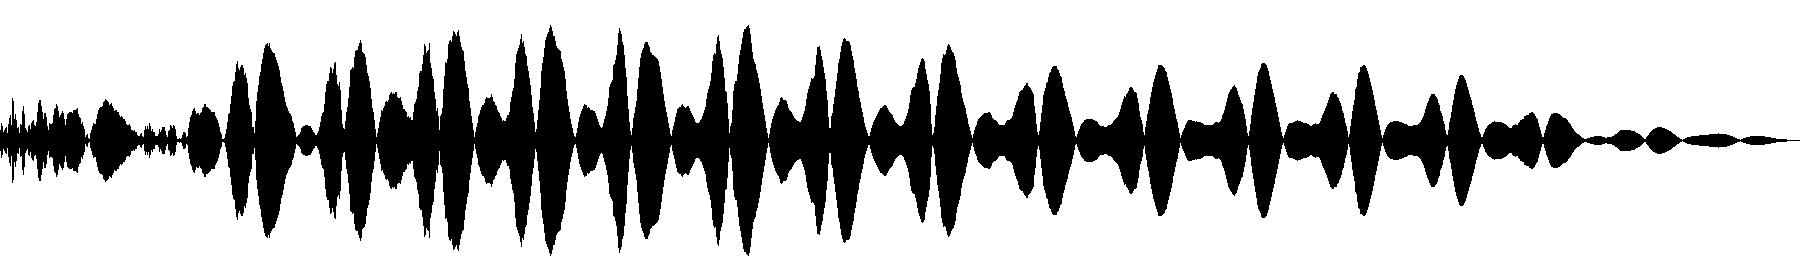 gia sound 03 d2